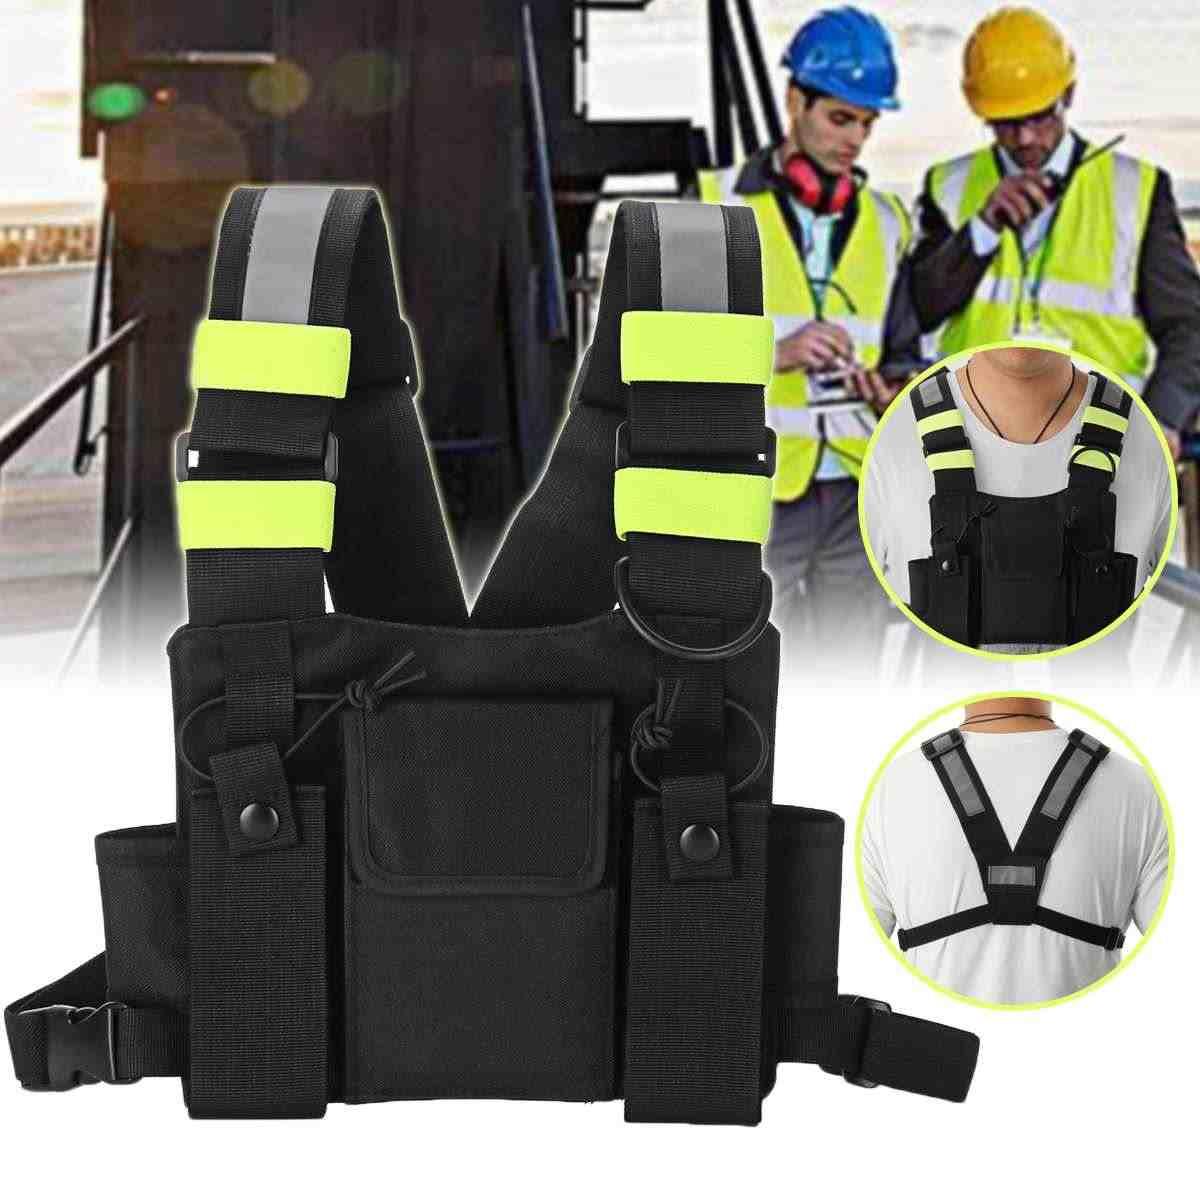 راديو مربط صدر الصدر الجبهة حزمة الحقيبة الحافظة سترة تزوير حقيبة صدر للرجال اسلكية تخاطب ل موتورولا ل Baofeng